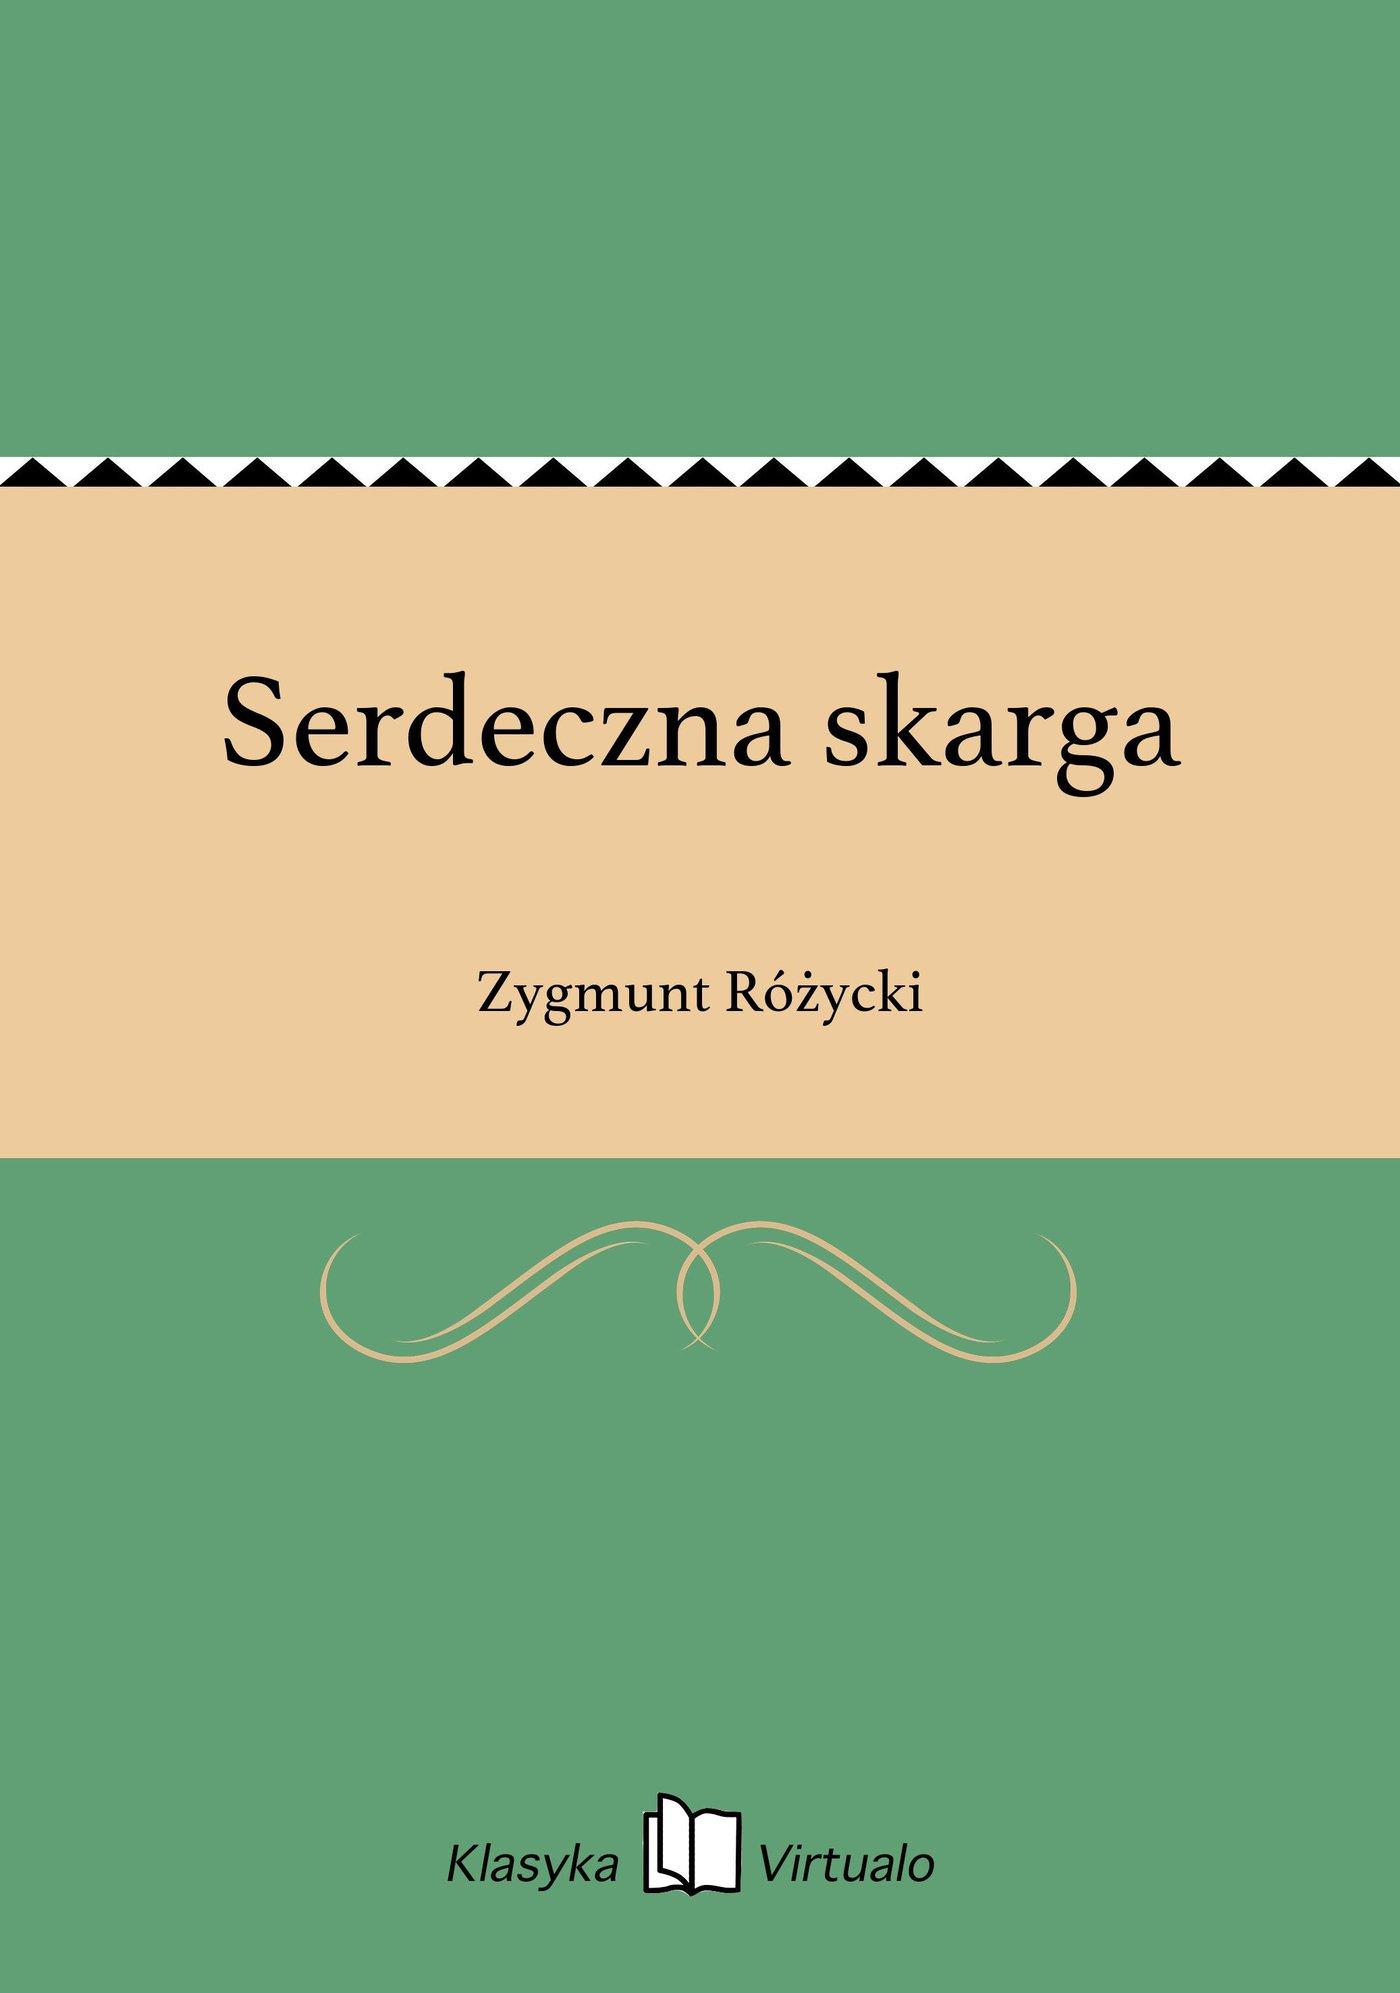 Serdeczna skarga - Ebook (Książka EPUB) do pobrania w formacie EPUB